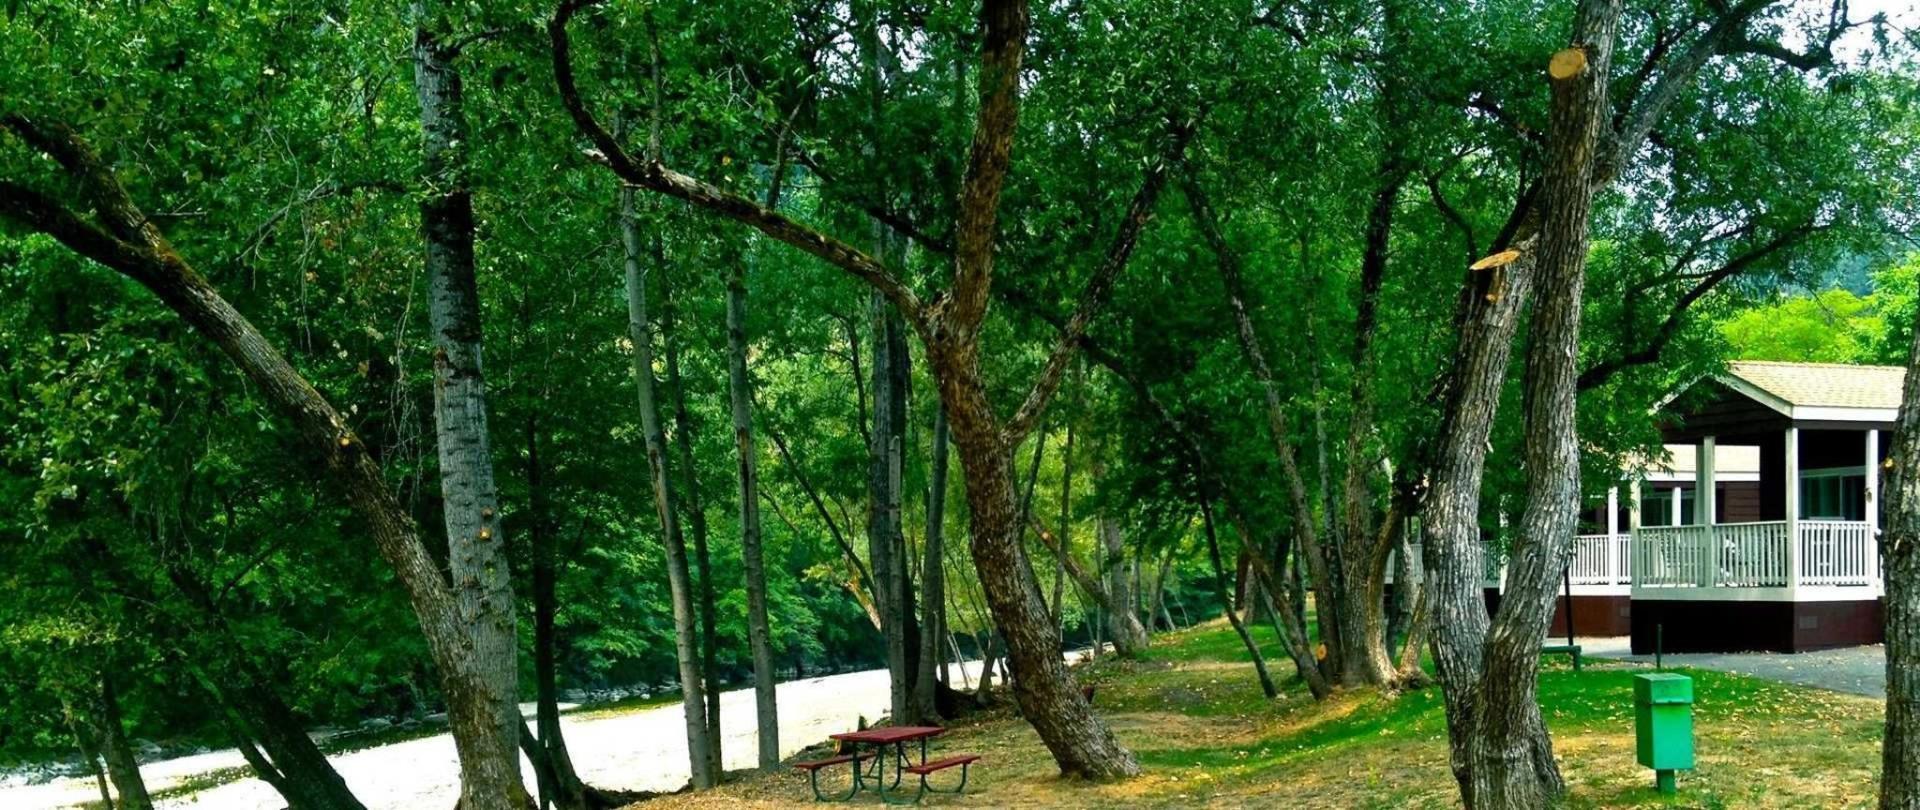 Benbow RV Park